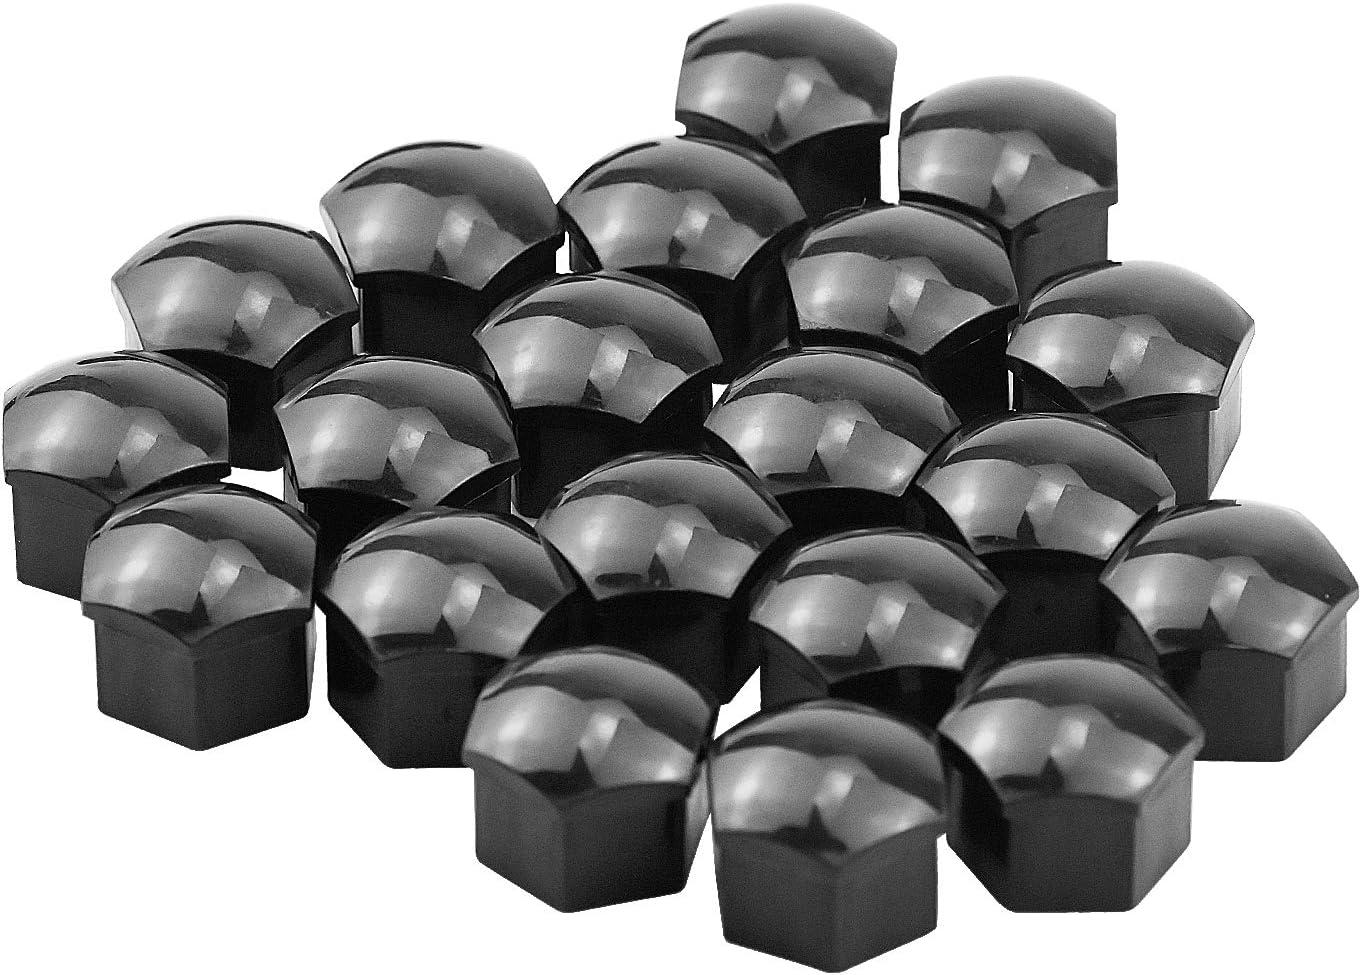 HENTEK 20 PCS Boulon Ecrou Couvre 17 mm pour /écrous de Roue Capuchons Protection Hexagonal avec Outil dinstallation et de Retrait